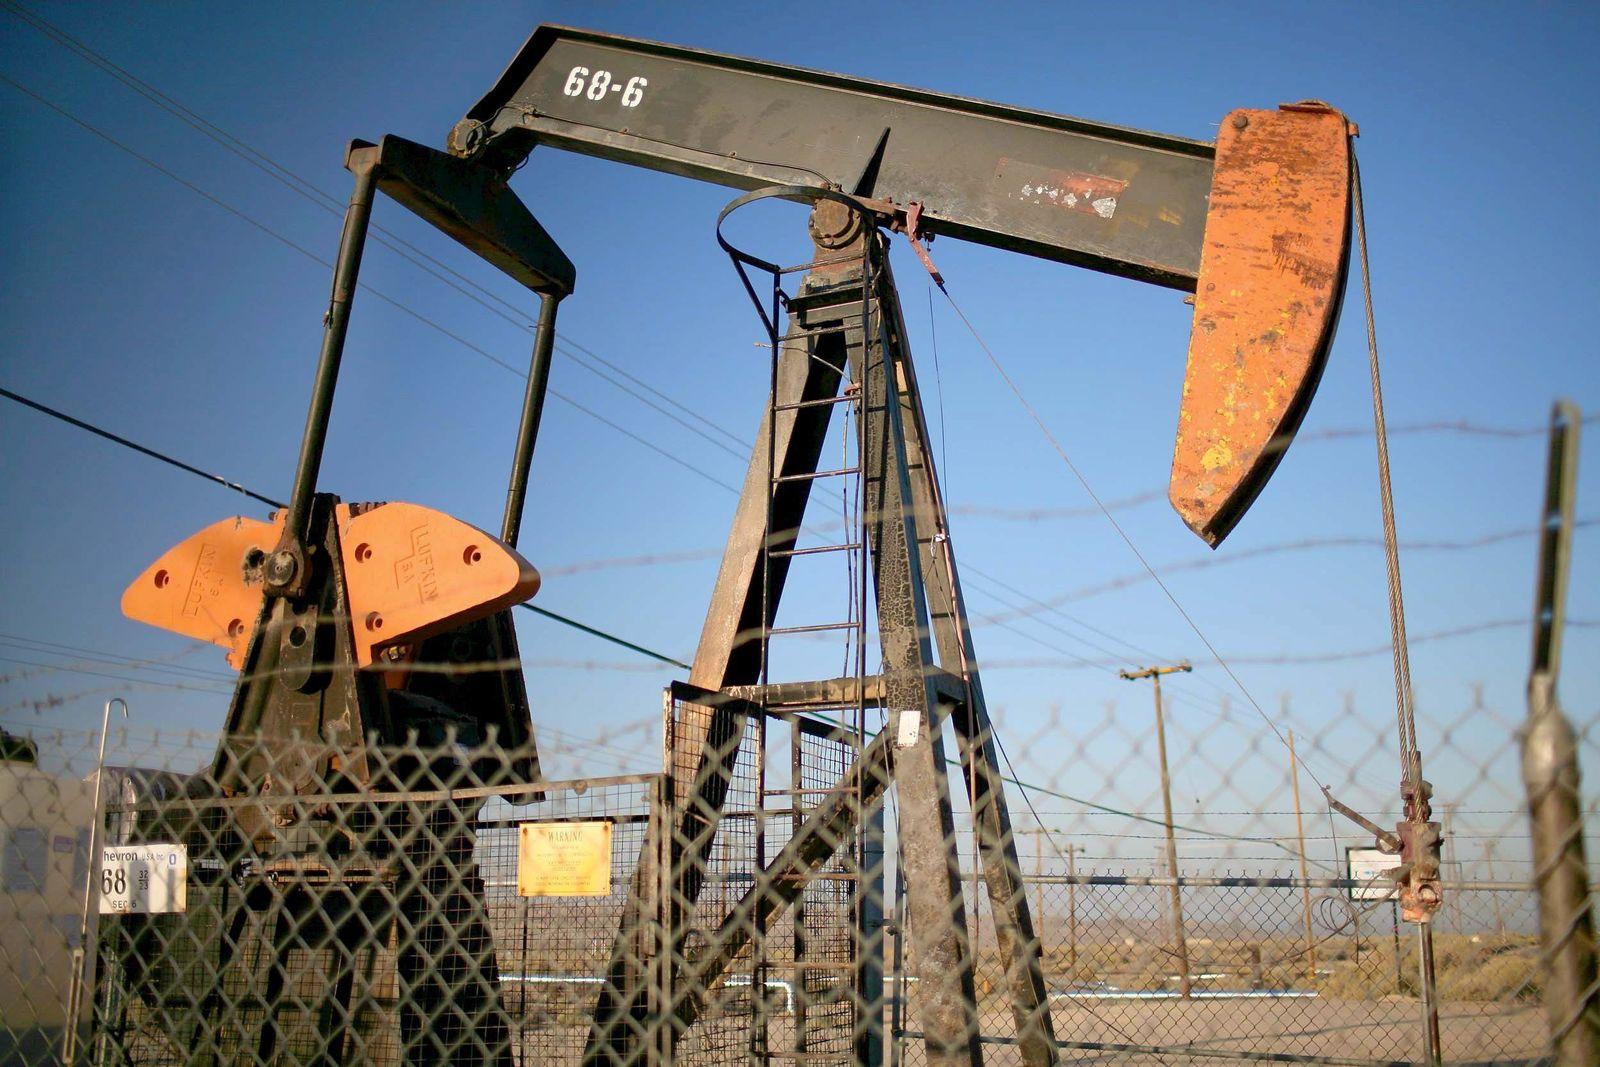 US-Ölpreis nach Krisengipfel deutlich gestiegen